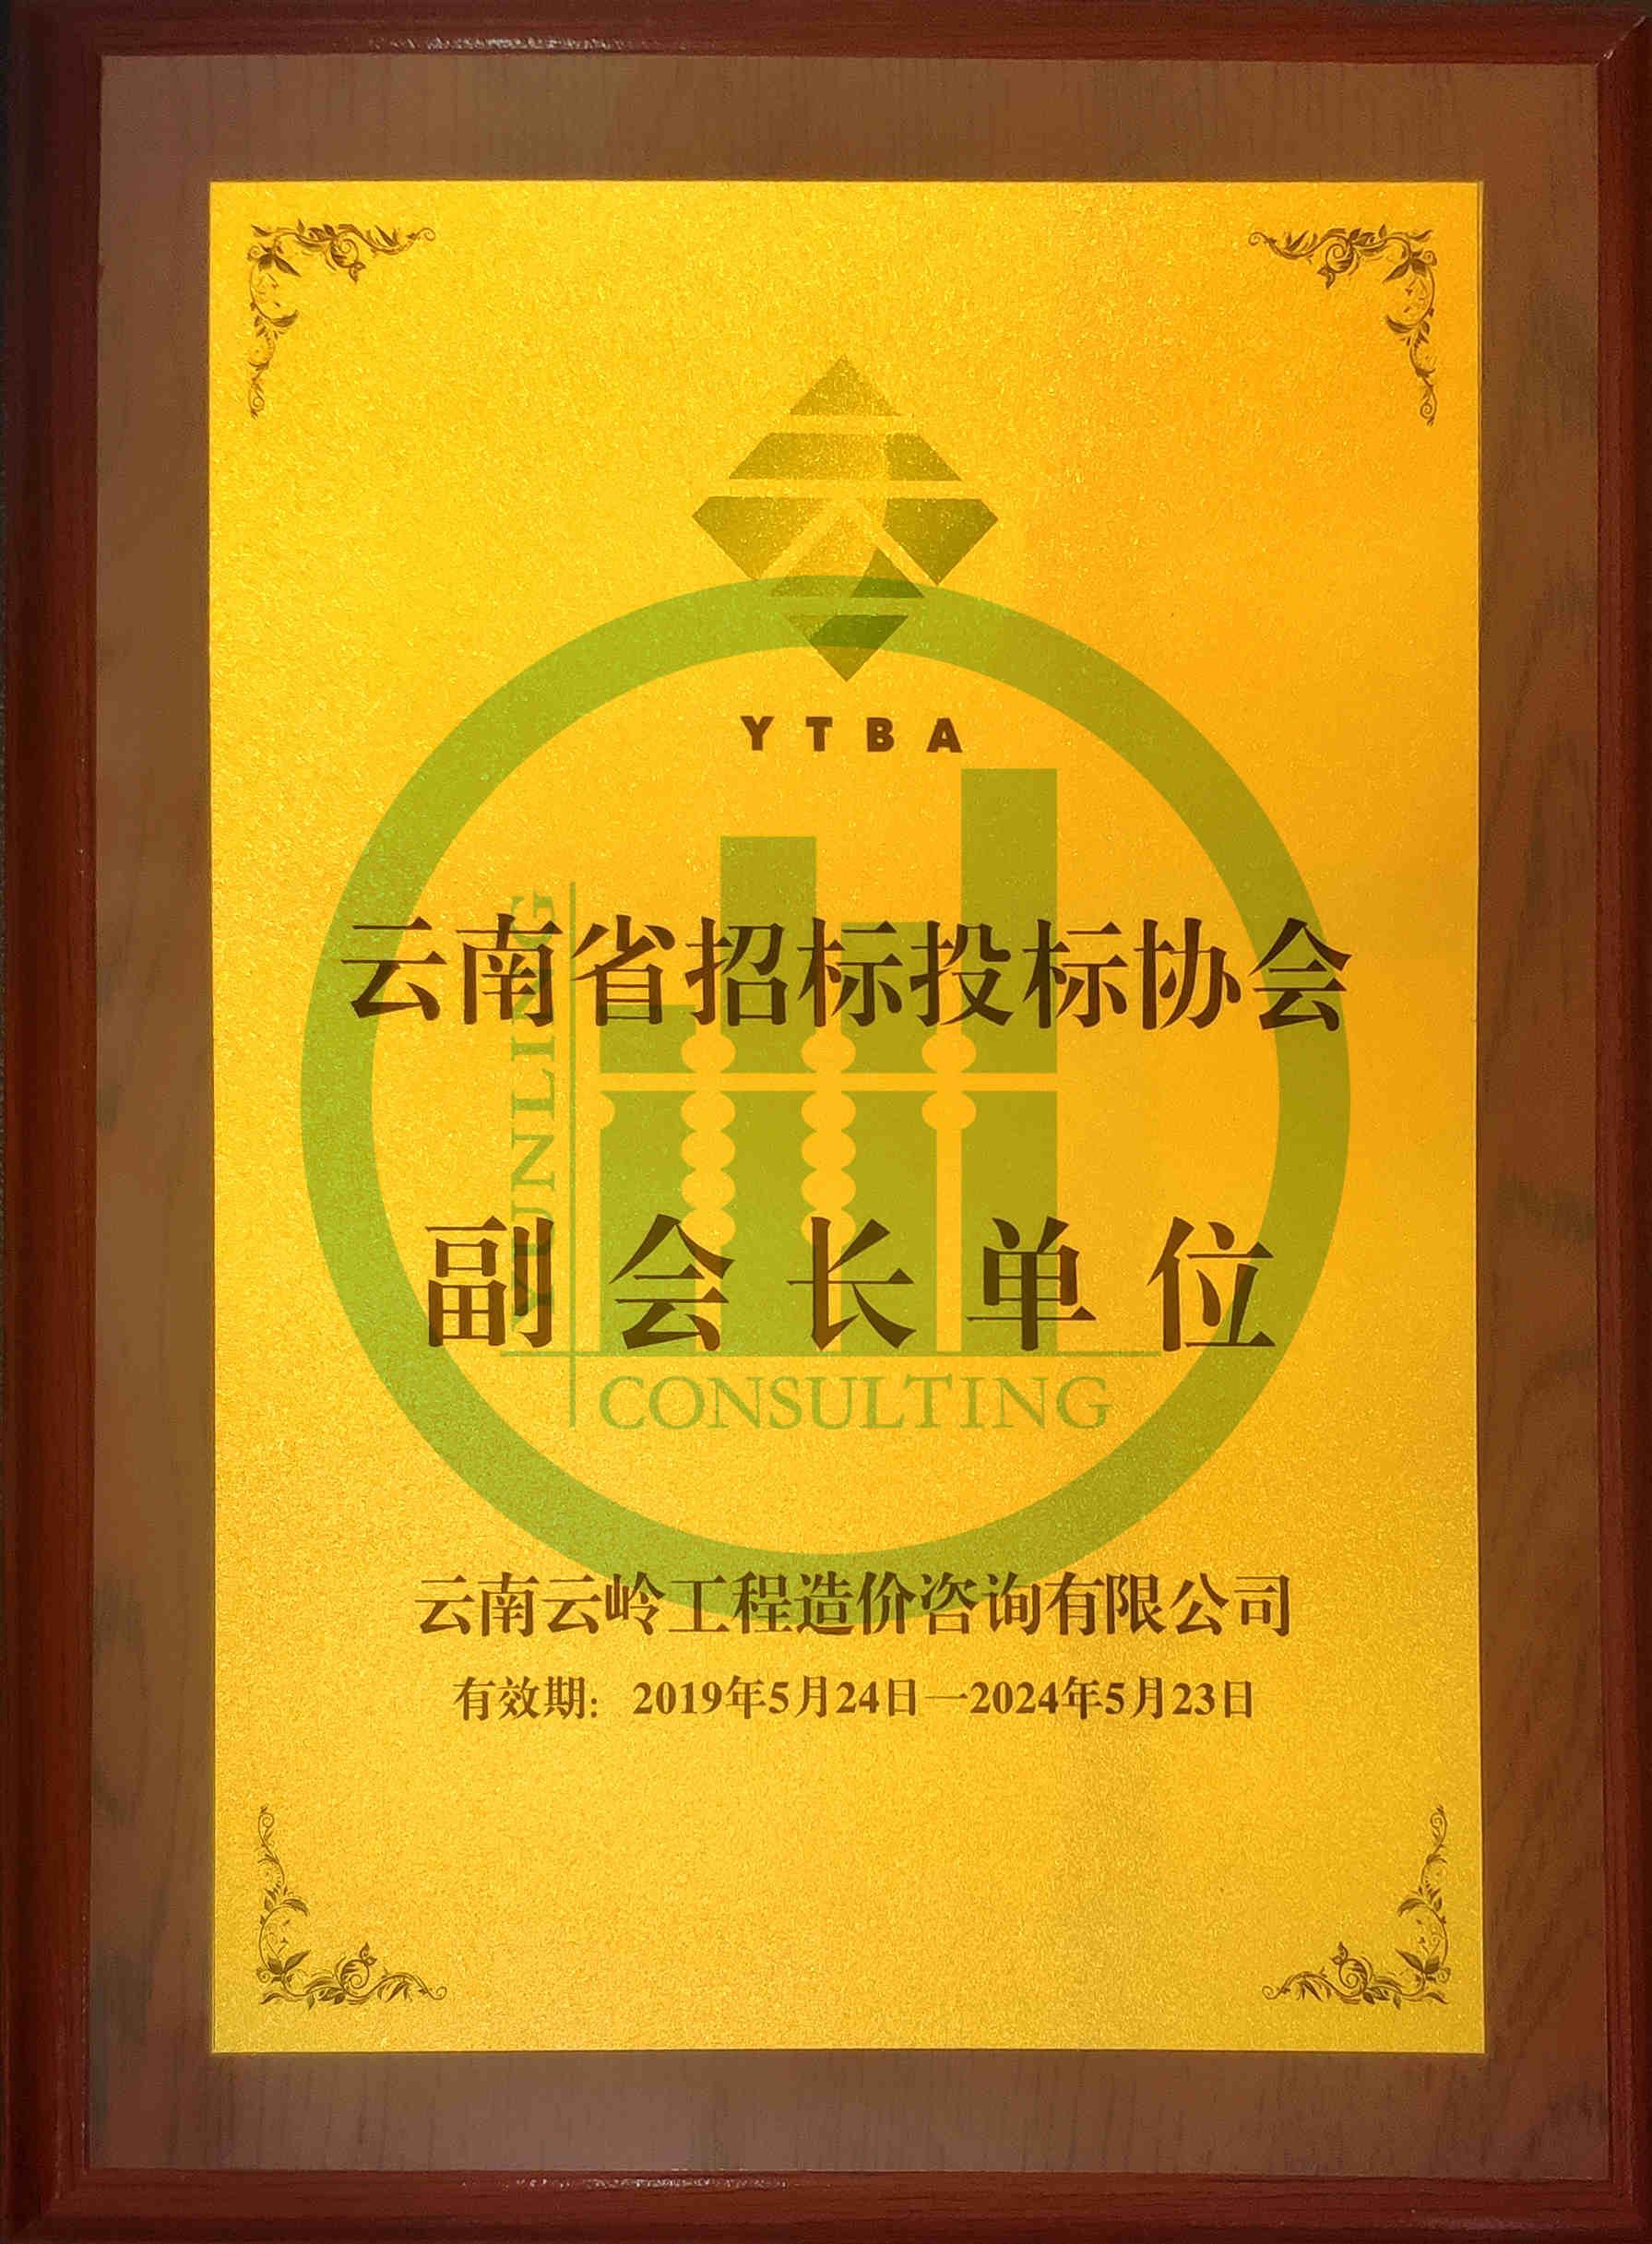 云南省招投標協會副會長單位